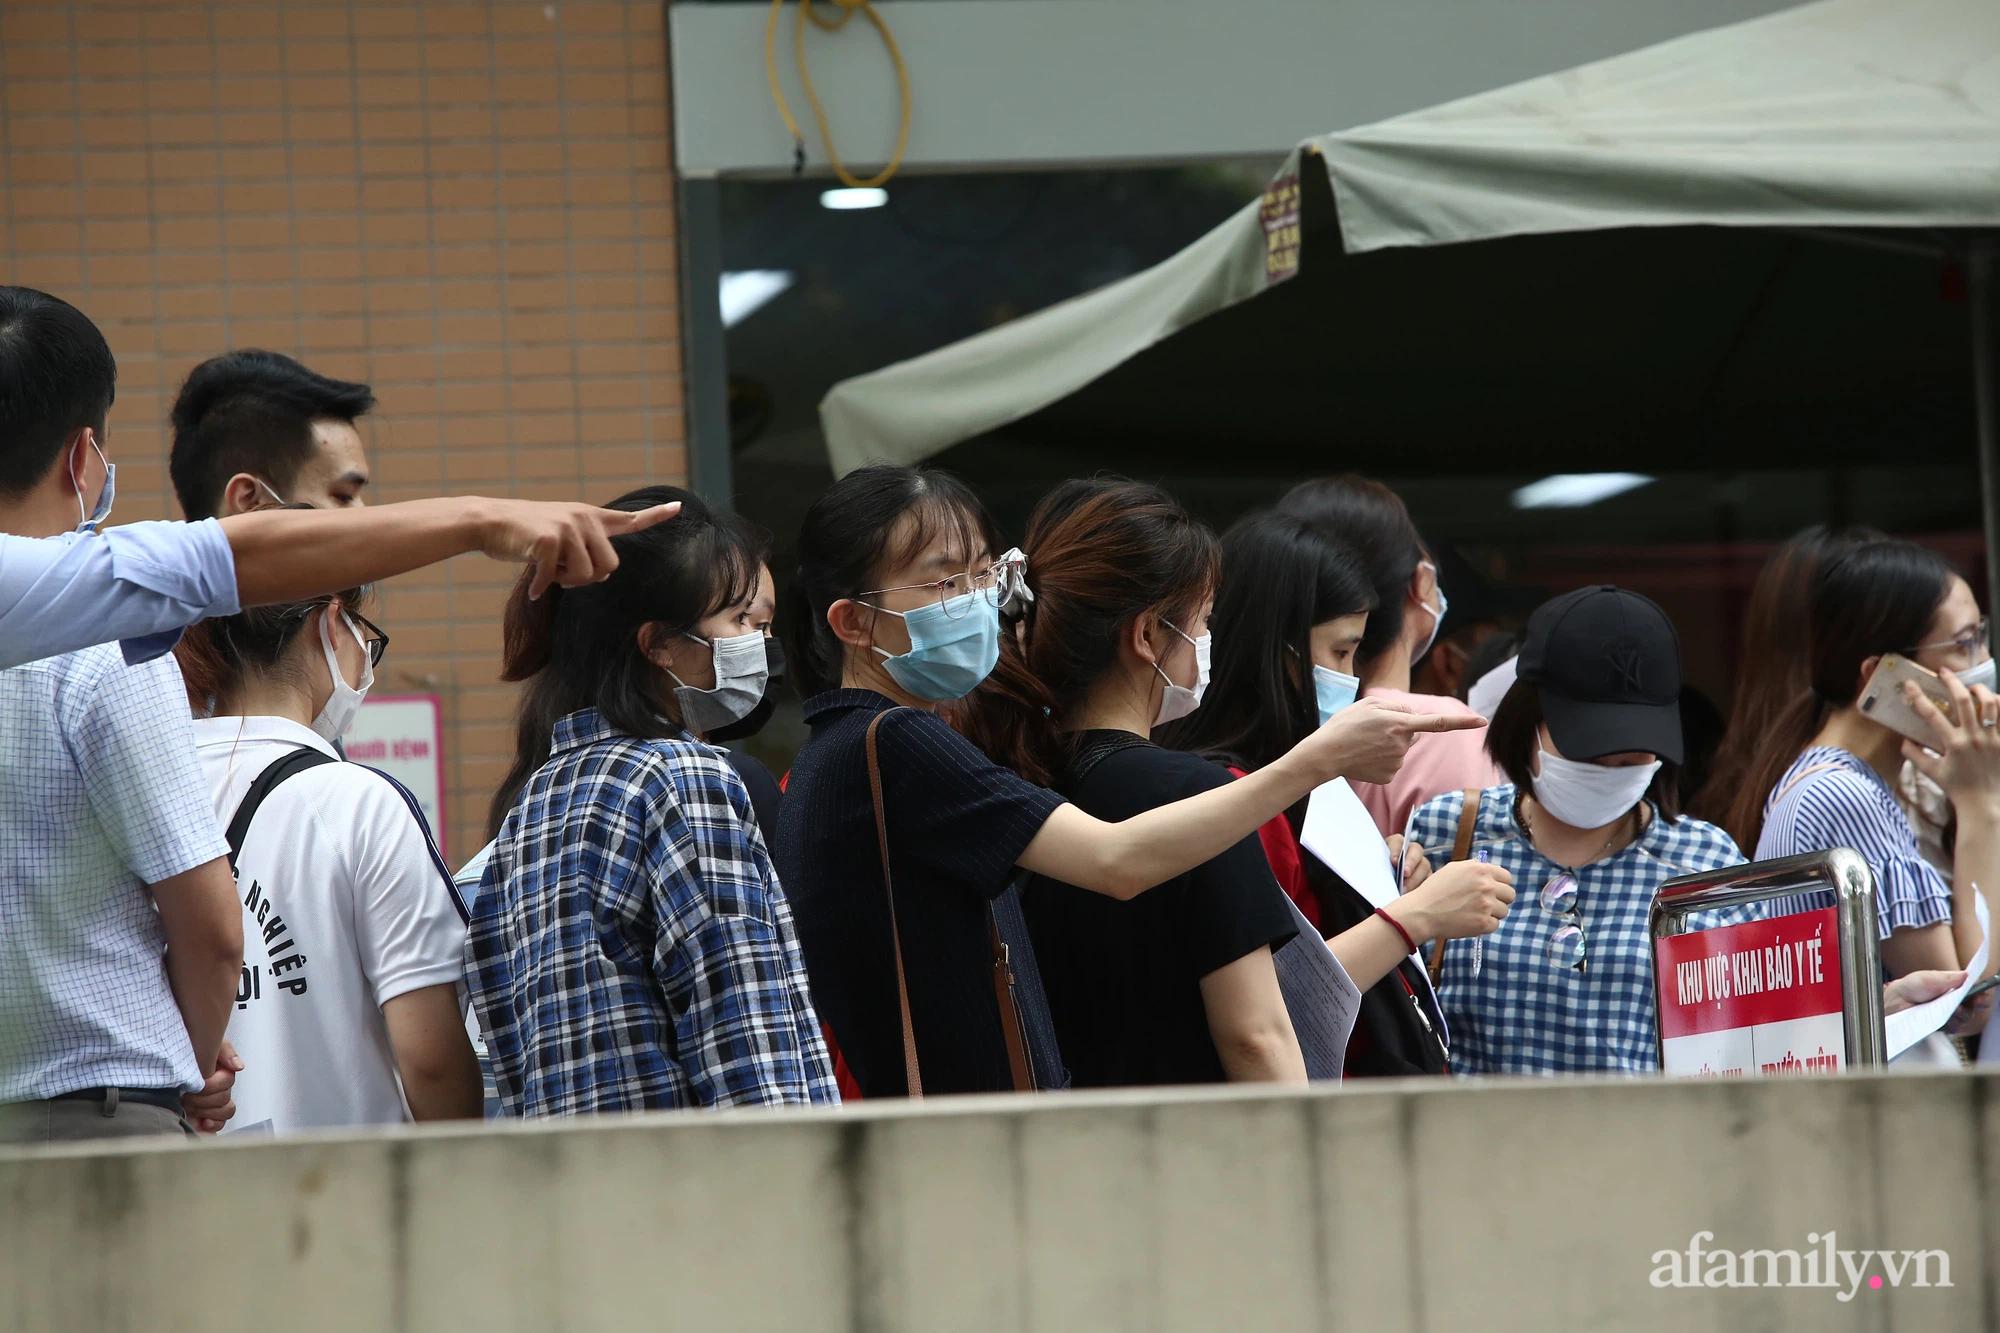 Bí thư thành ủy Hà Nội: Dừng ngay điểm tiêm vaccine Bệnh viện E, tránh tình trạng rối loạn - Ảnh 3.